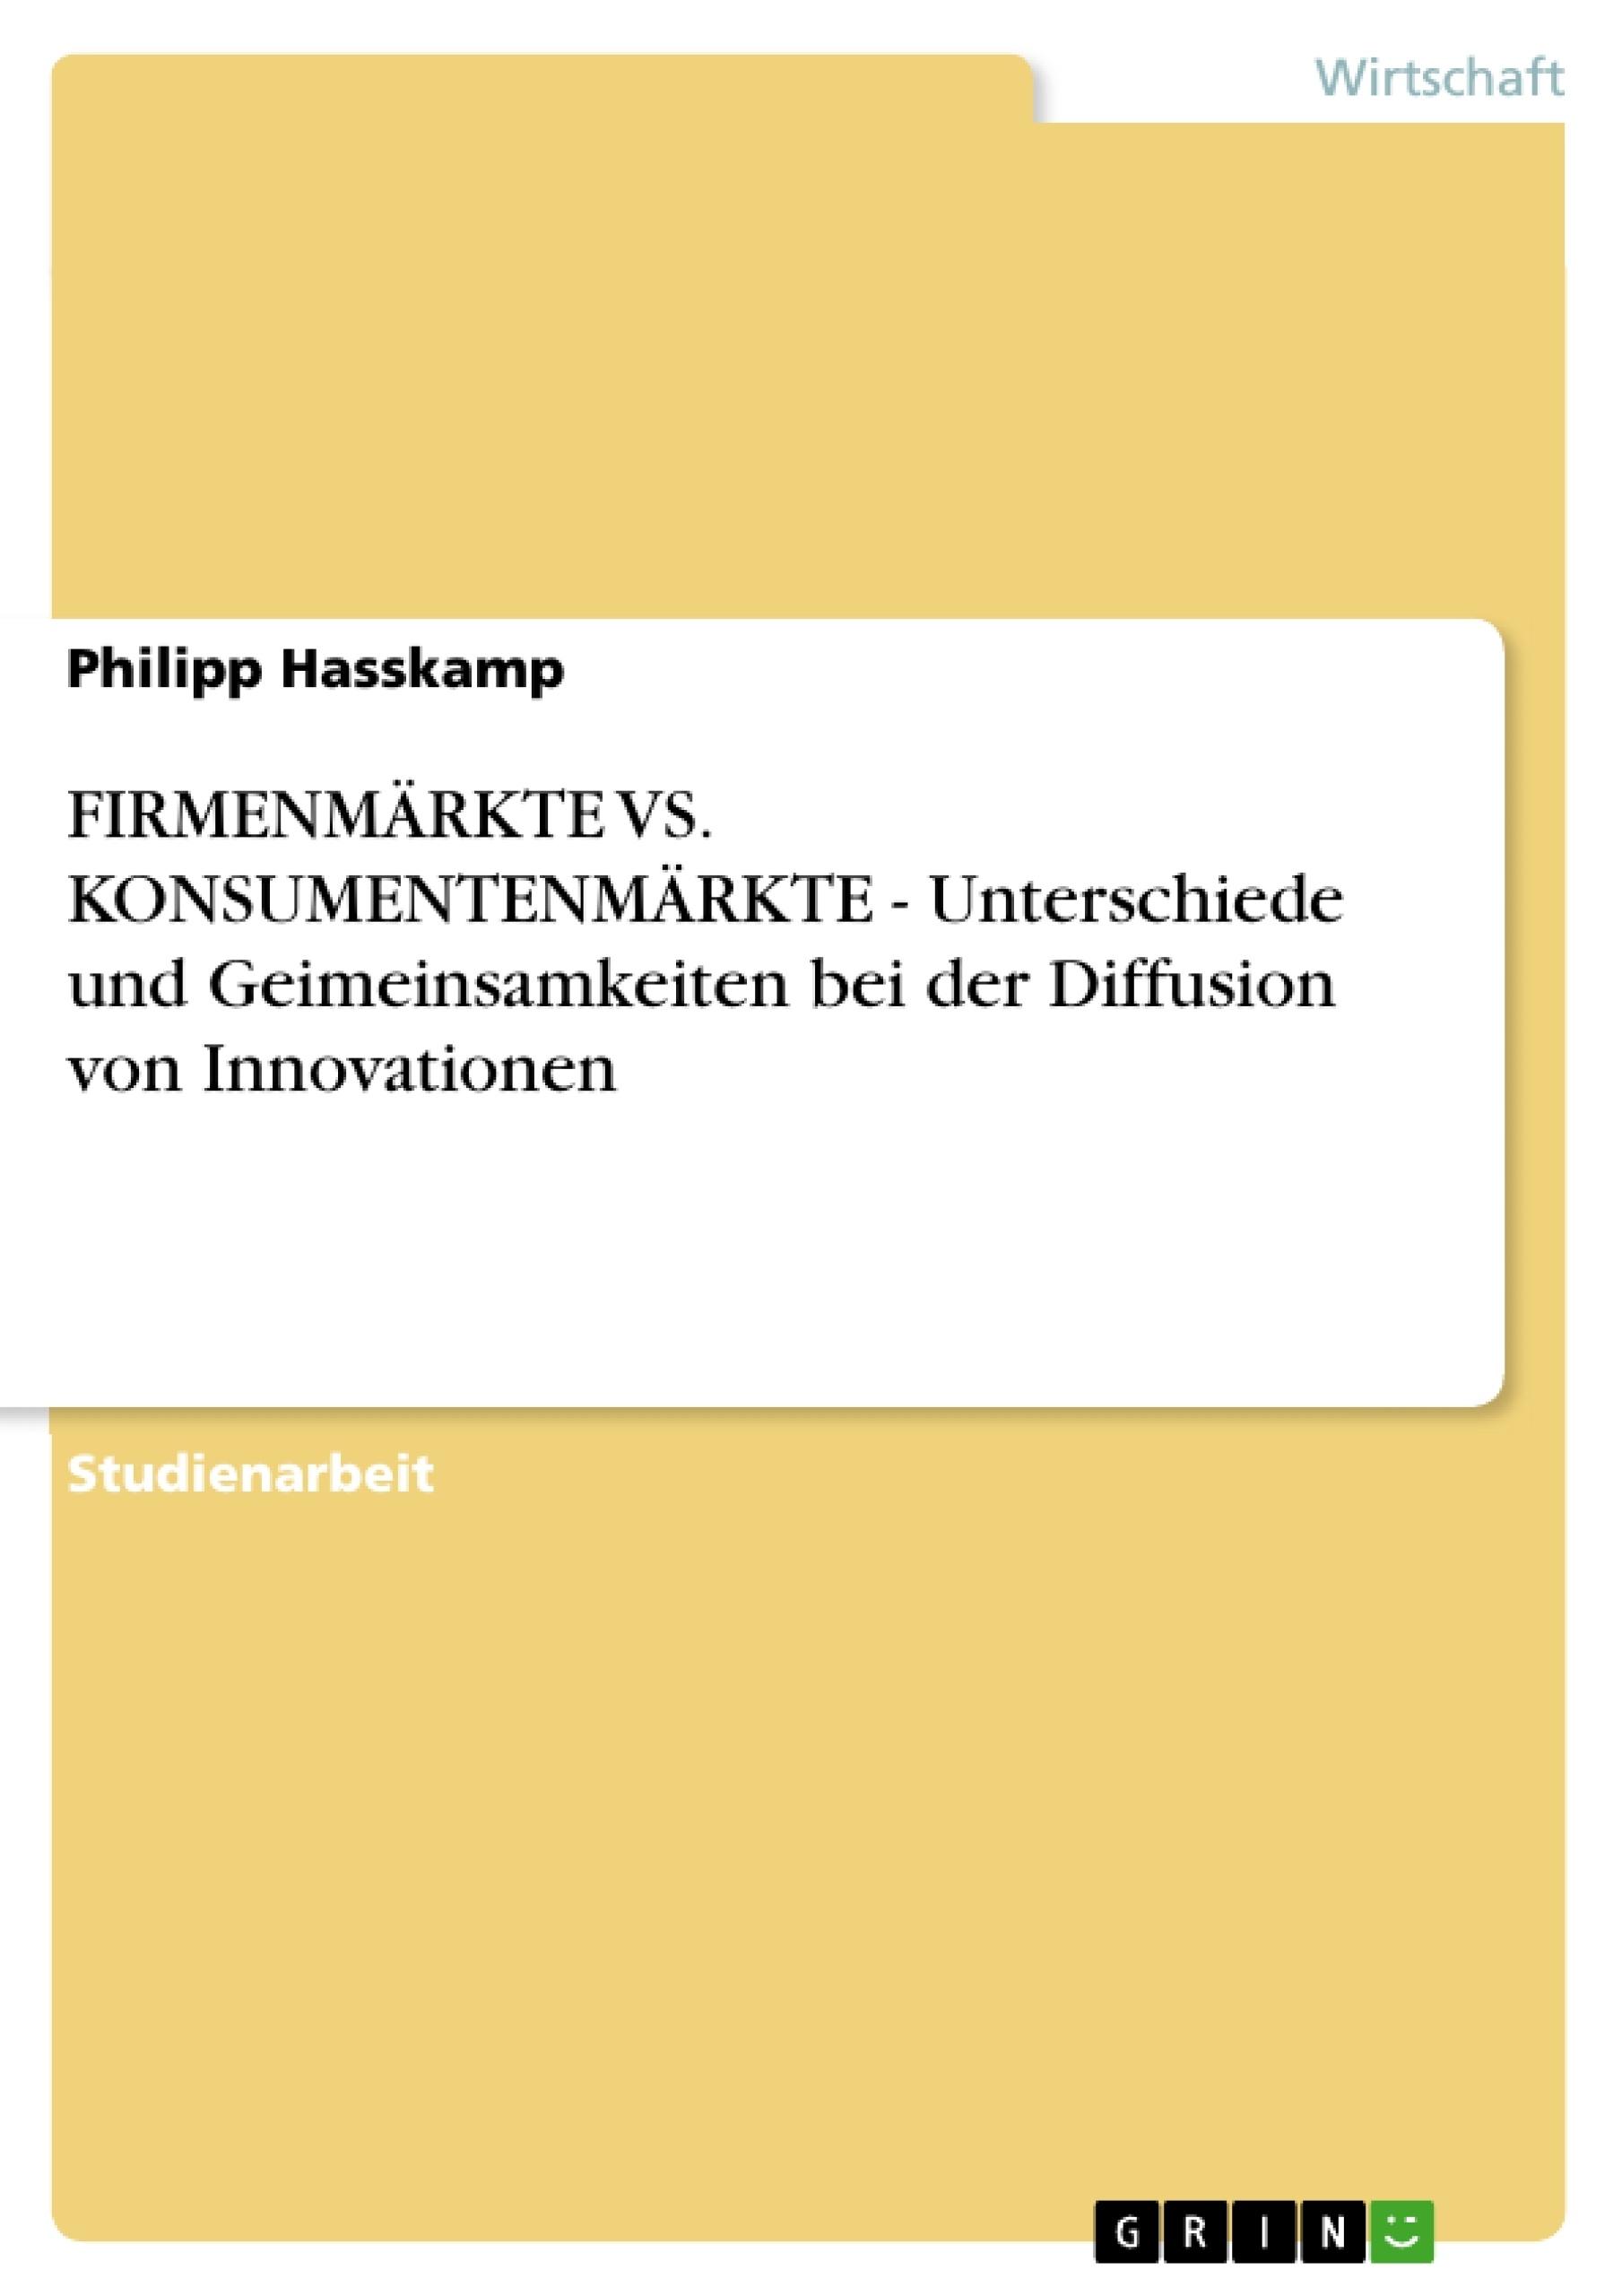 Titel: FIRMENMÄRKTE VS. KONSUMENTENMÄRKTE - Unterschiede und Geimeinsamkeiten bei der Diffusion von Innovationen